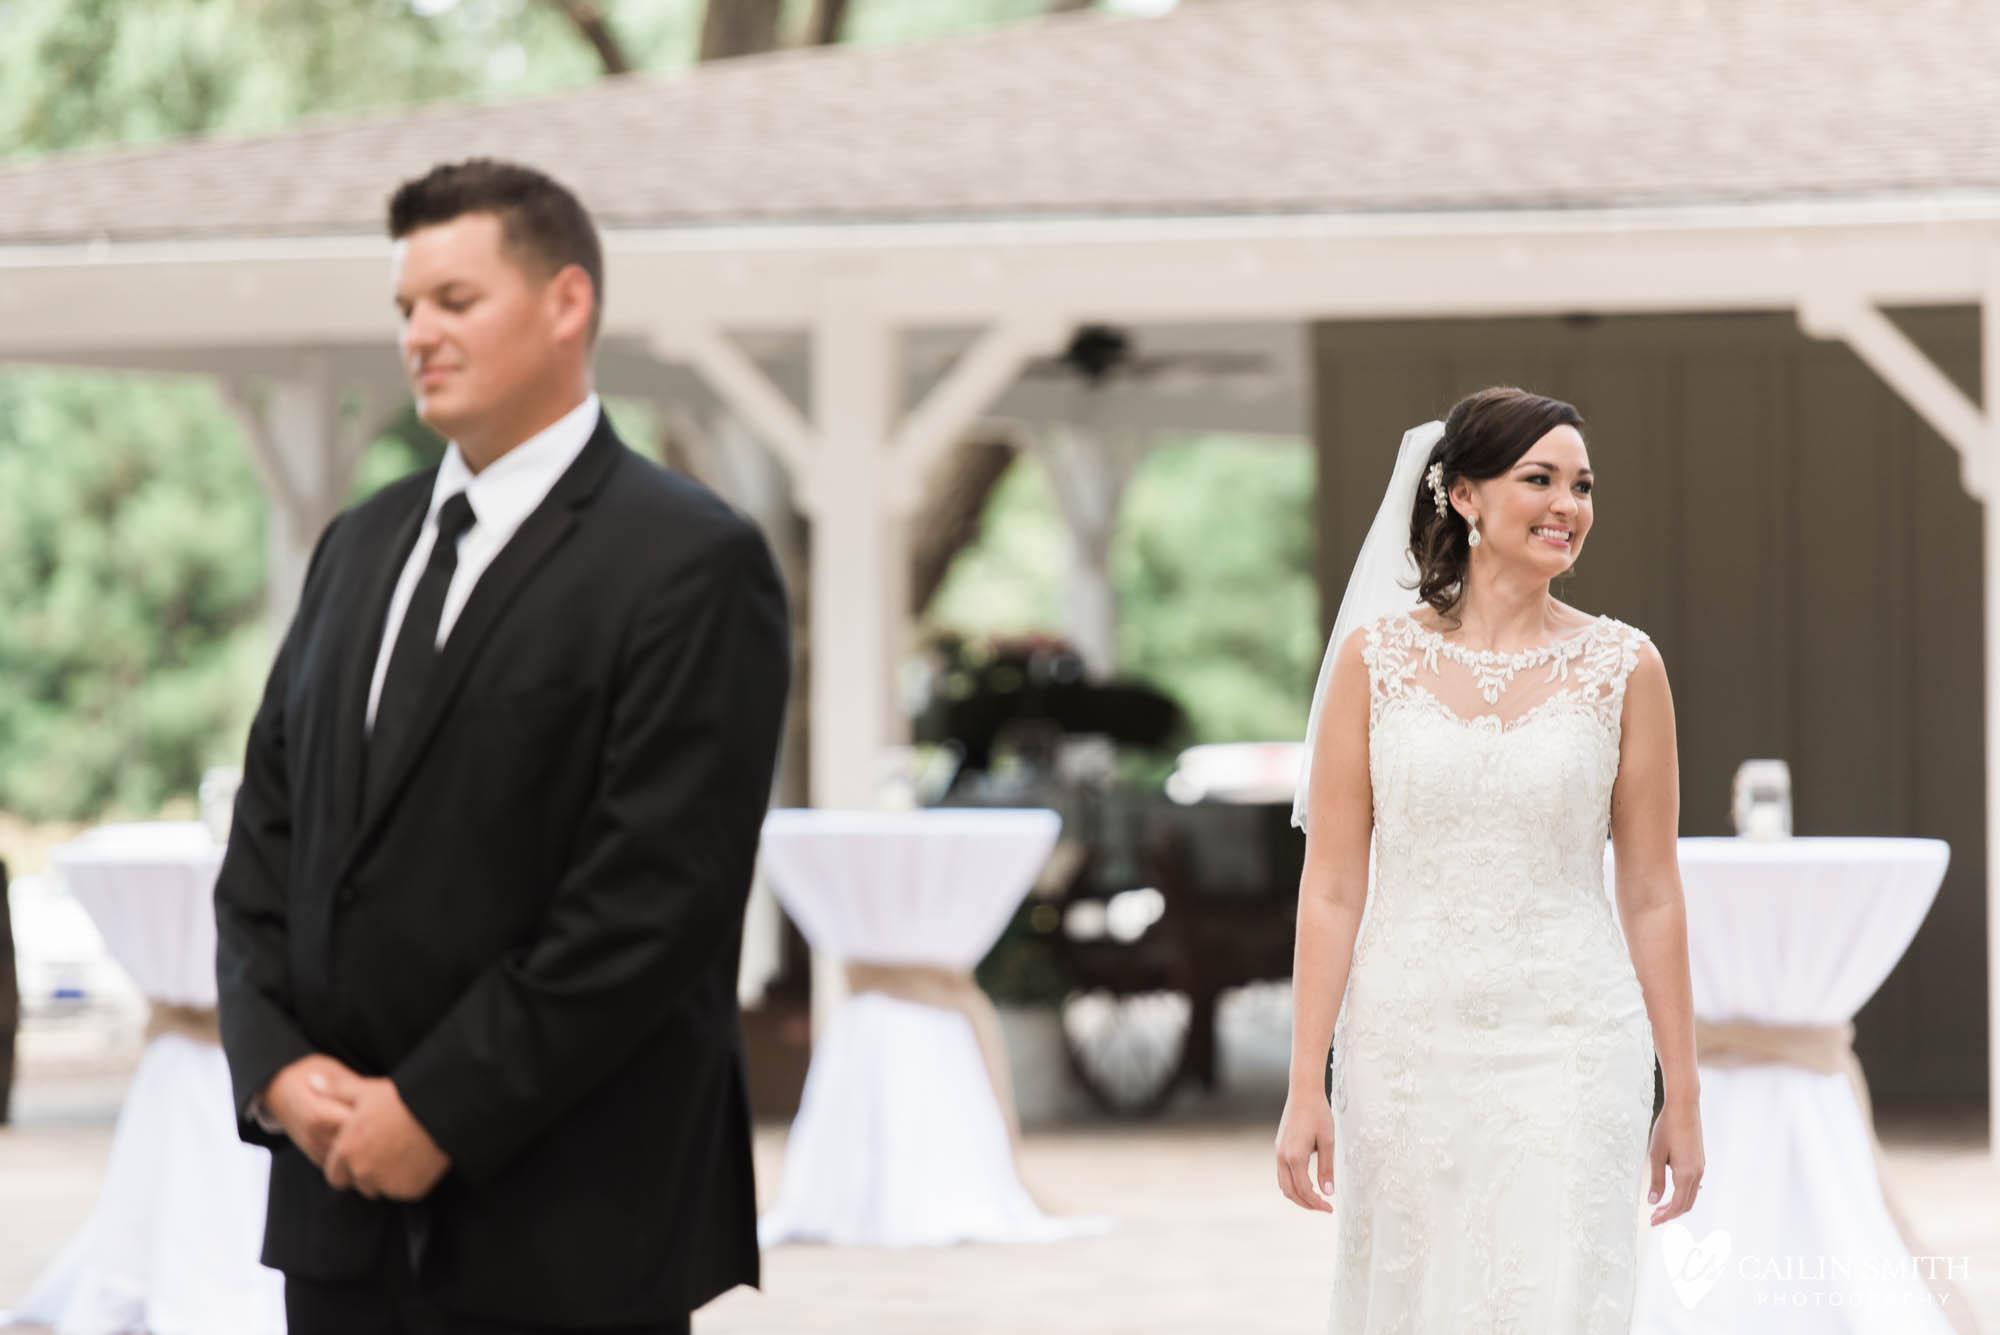 Bethany_Kyle_Bowing_Oaks_Plantation_Wedding_Photography_0032.jpg